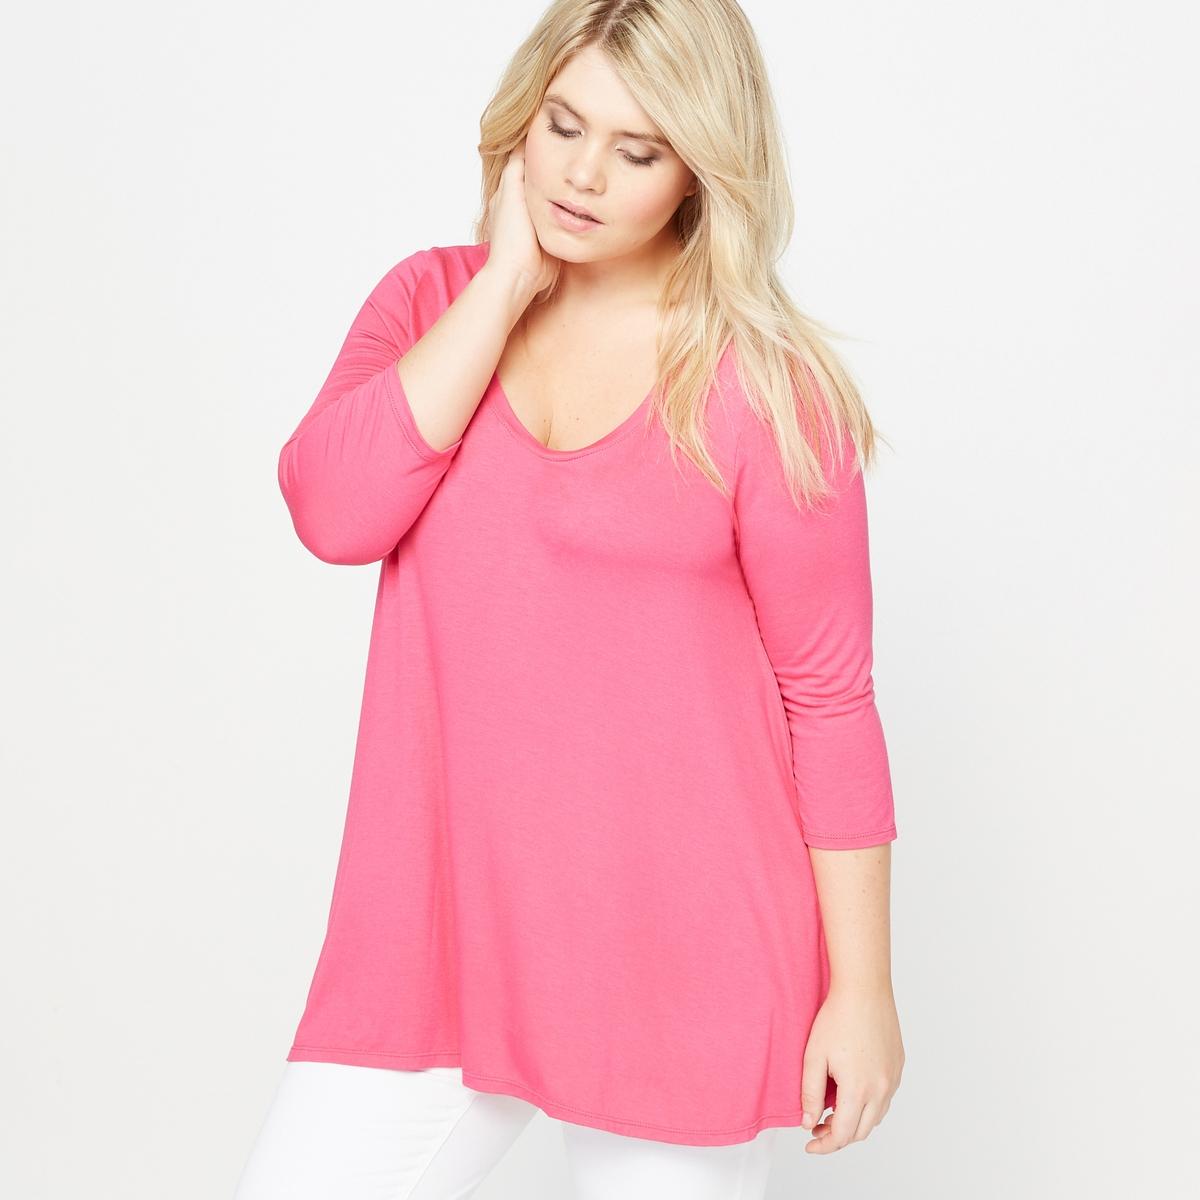 Футболка свободного покрояФутболка. Вам будет удобно в этой футболке широкого покроя с удлиненной спинкой и свободным круглым вырезом. Рукава 3/4. Футболка из мягкого эластичного трикотажа: 95% вискозы, 5% эластана. Длина : 75 см.<br><br>Цвет: розовый пурпурный,темно-серый меланж,черный<br>Размер: 54/56 (FR) - 60/62 (RUS).46/48 (FR) - 52/54 (RUS).46/48 (FR) - 52/54 (RUS).62/64 (FR) - 68/70 (RUS).46/48 (FR) - 52/54 (RUS).50/52 (FR) - 56/58 (RUS).50/52 (FR) - 56/58 (RUS).42/44 (FR) - 48/50 (RUS).50/52 (FR) - 56/58 (RUS).62/64 (FR) - 68/70 (RUS)